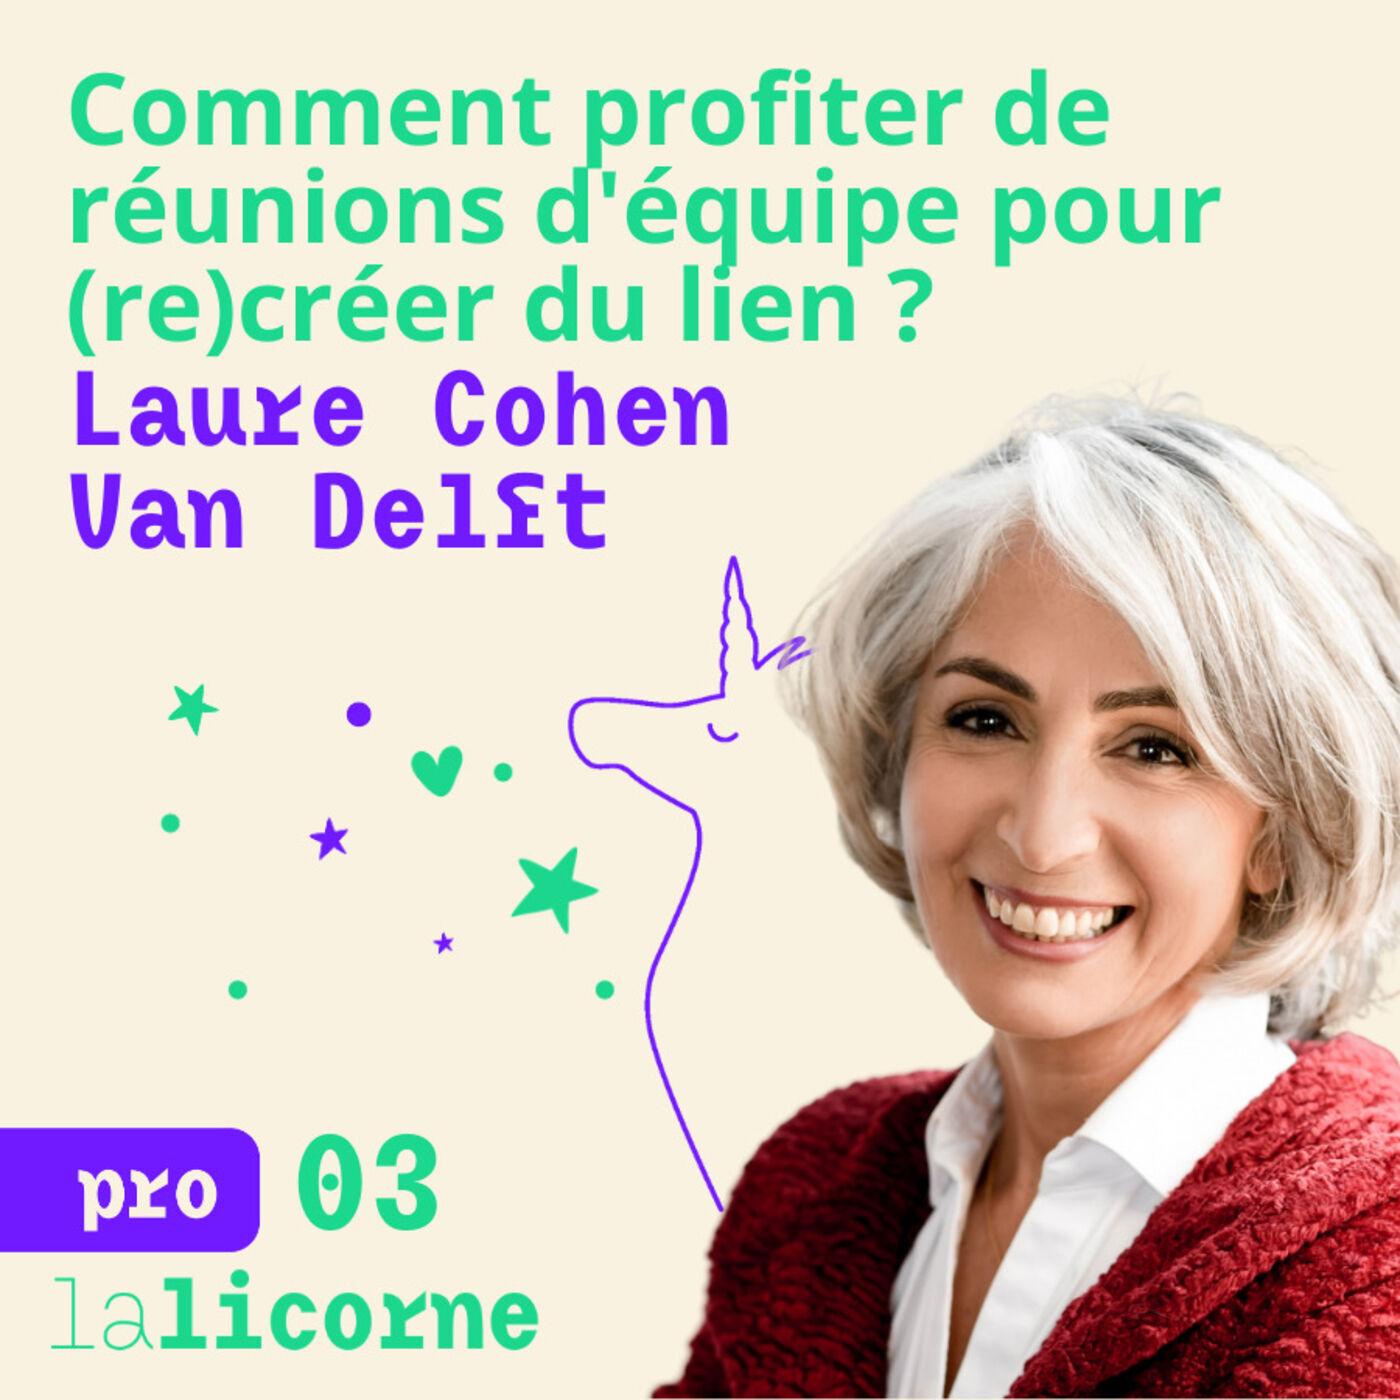 1.3 - Pro ⭐️ Laure Cohen Van Delft - Comment profiter de réunions d'équipe pour (re)créer du lien